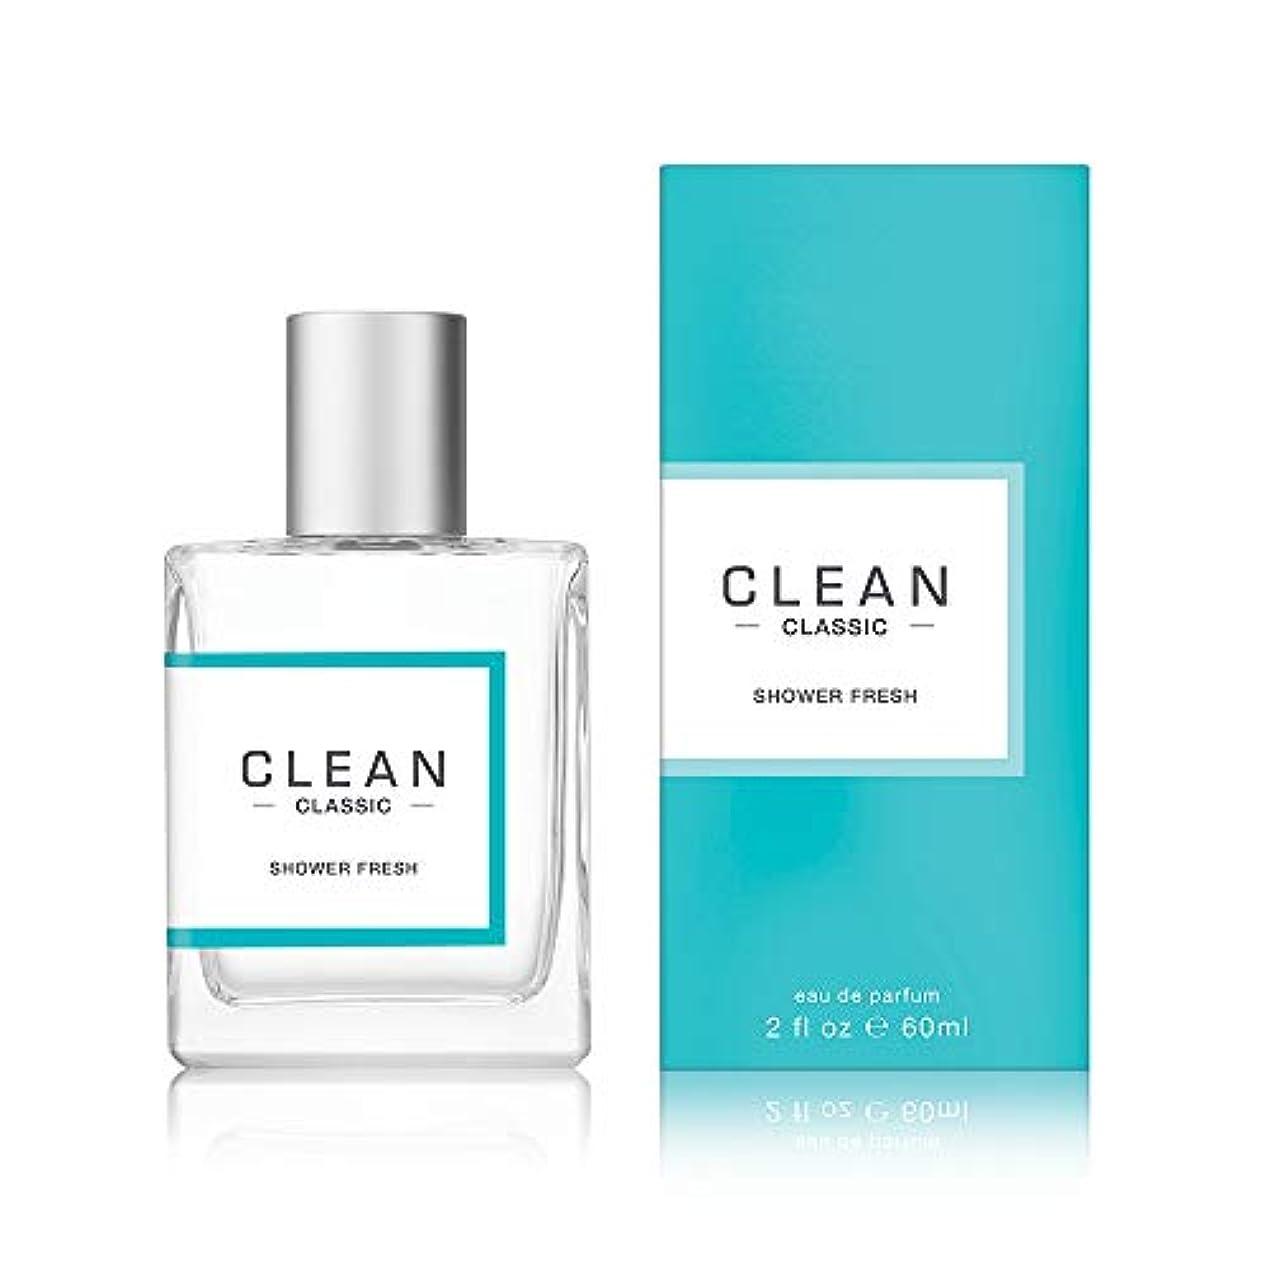 ぬいぐるみイデオロギー正直CLEAN(クリーン) クリーン クラシック シャワーフレッシュ オードパルファム 60ml